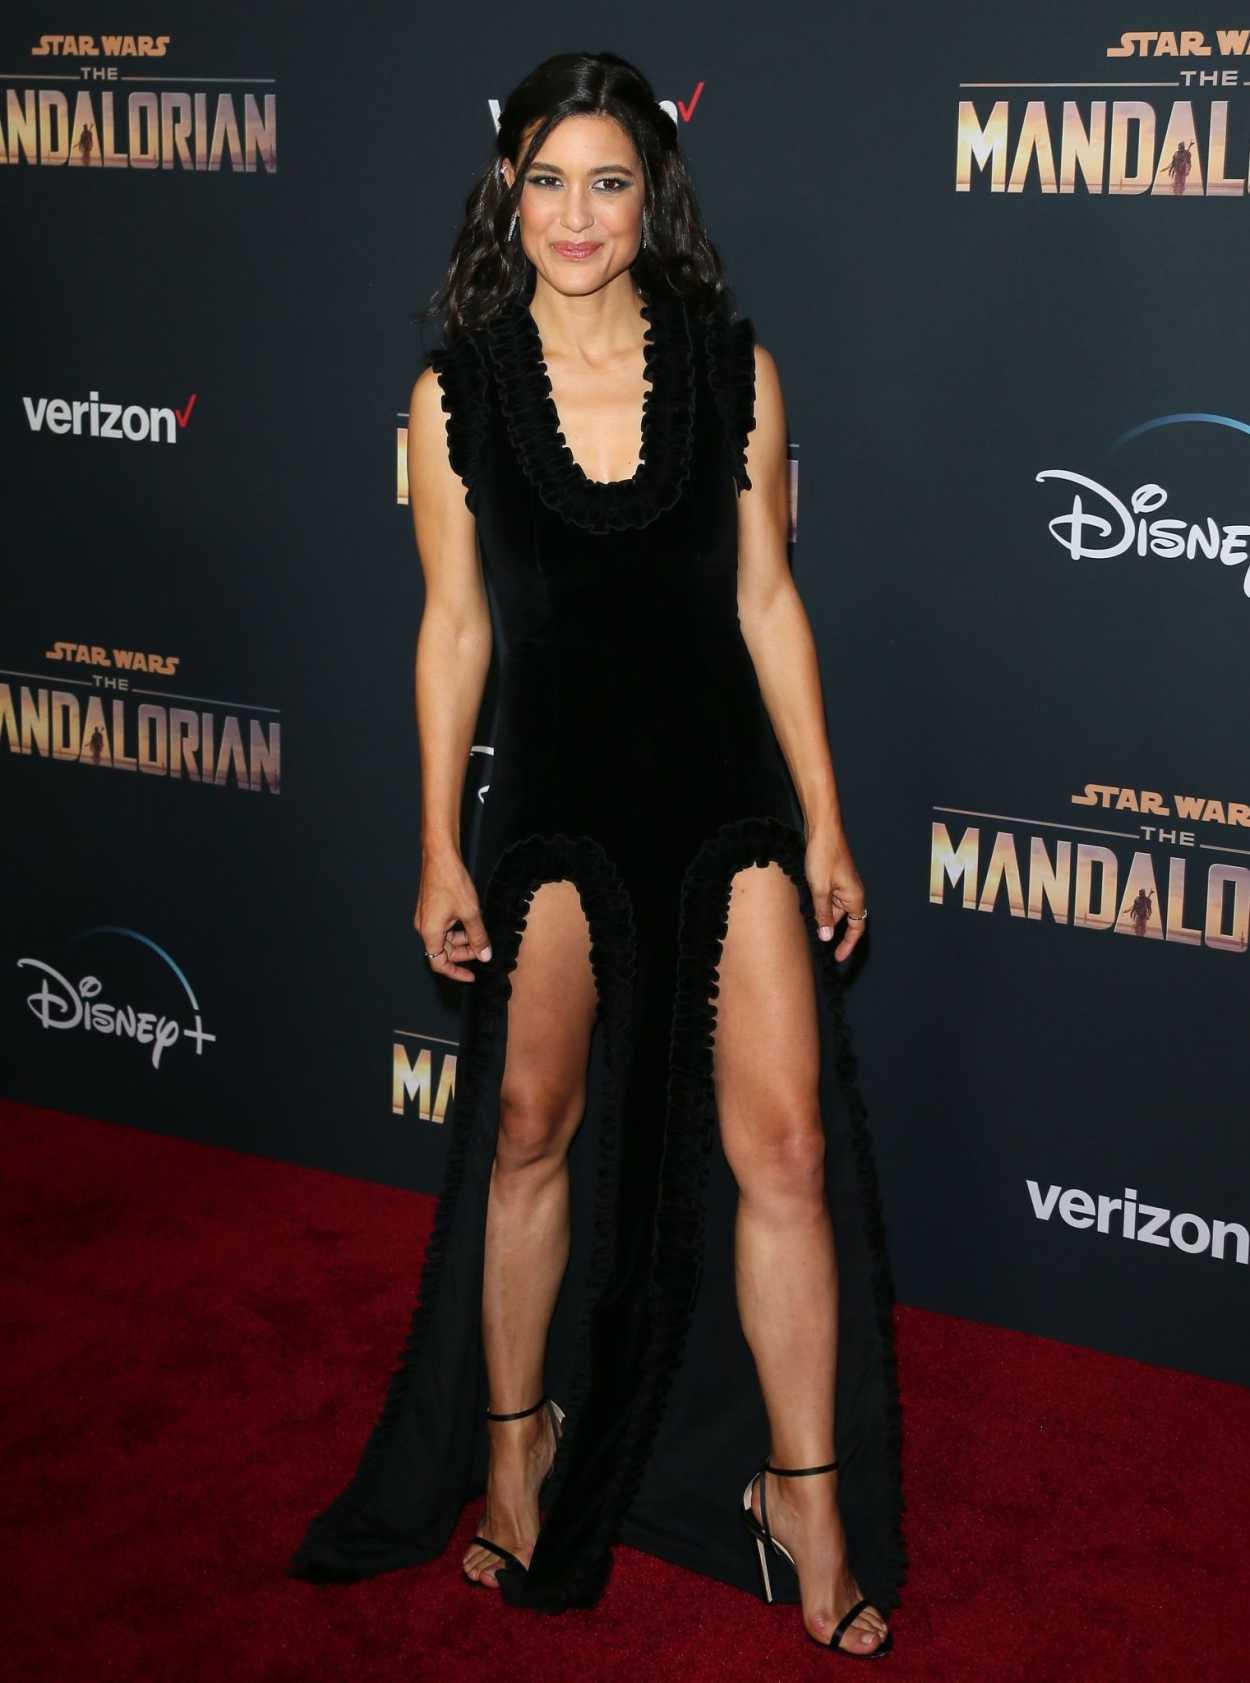 JULIA JONES at The Mandalorian Premiere in Los Angeles 11